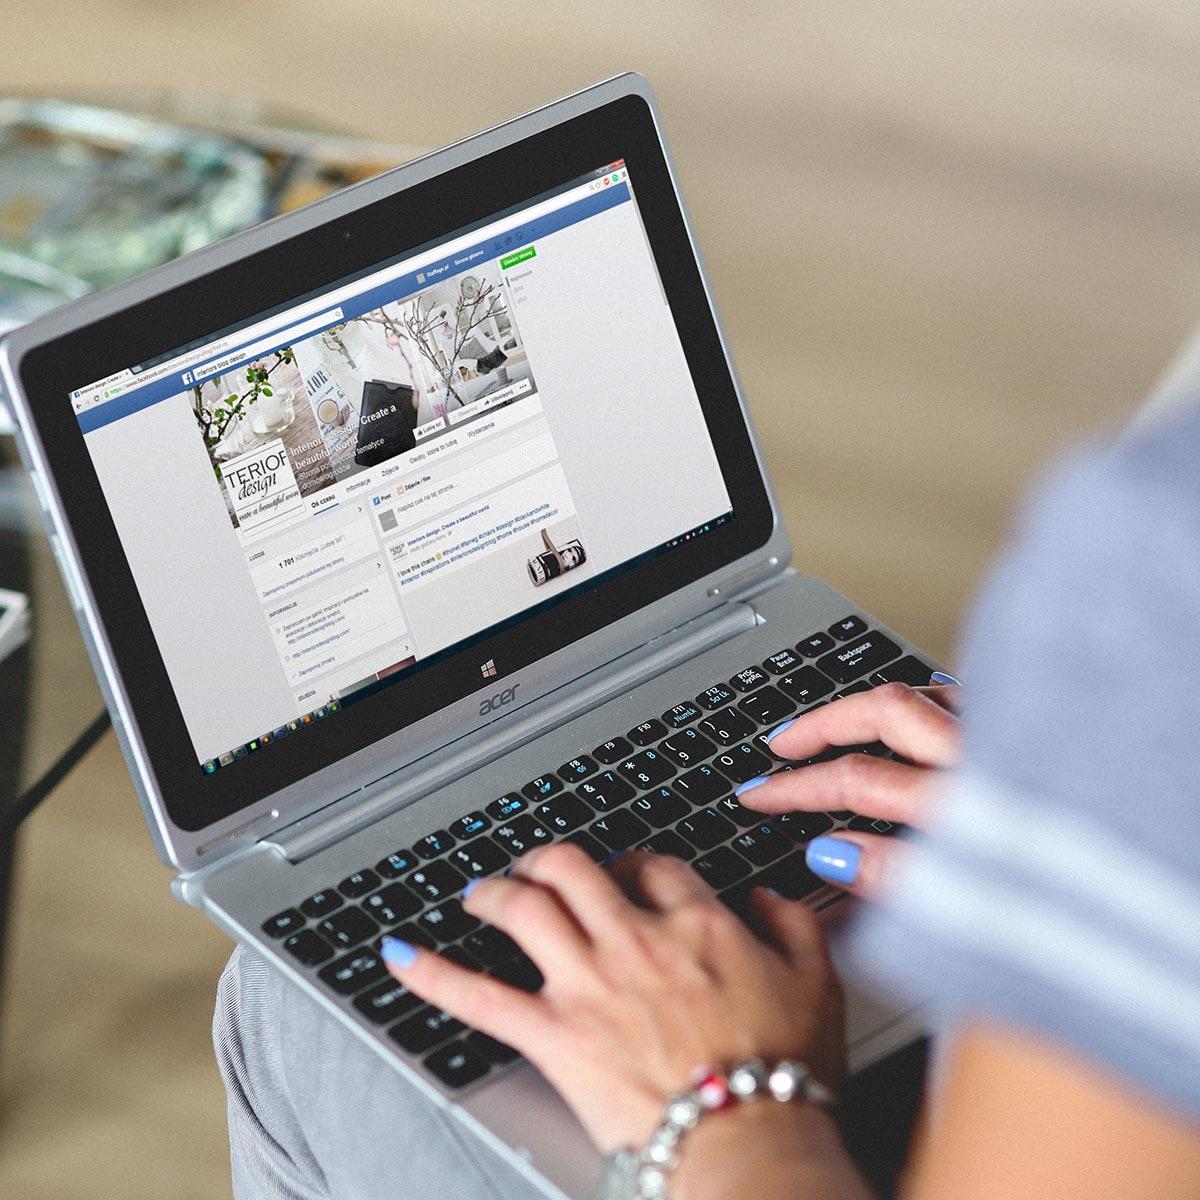 5 הסיבות שבגללן כדאי לכם להתחיל לפרסם בפייסבוק